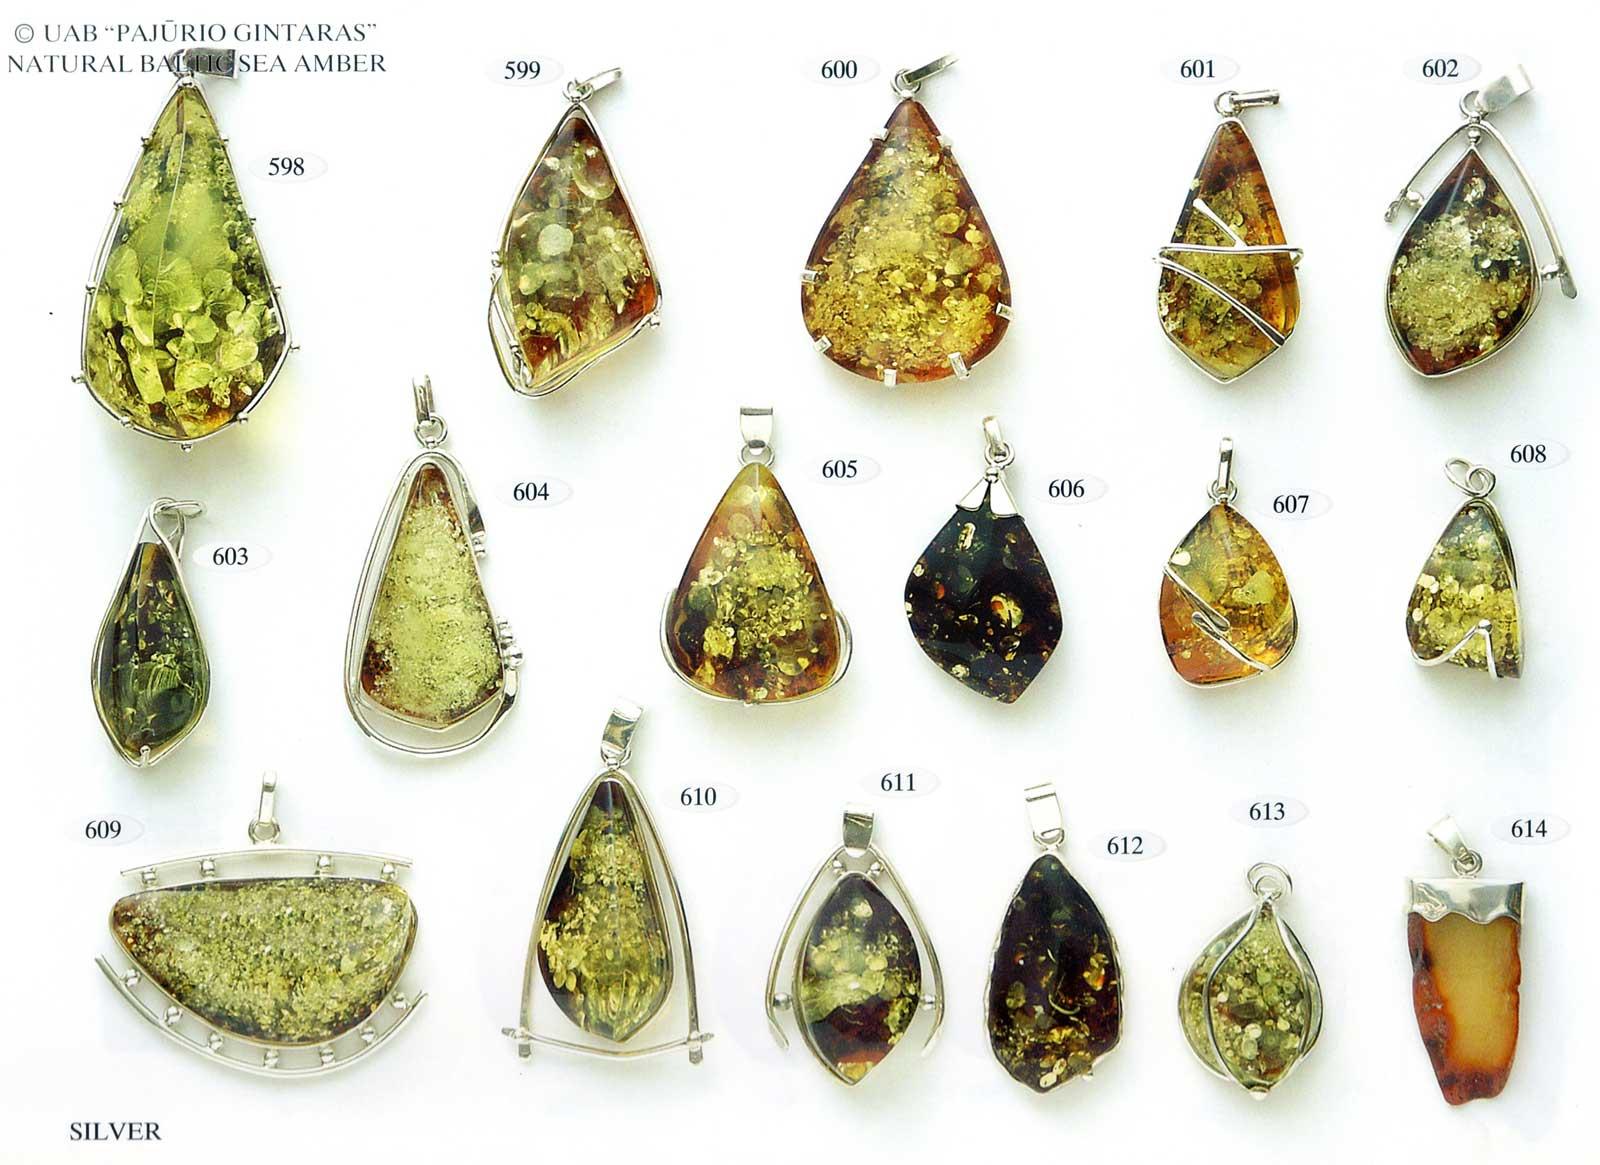 598-614 gold und silber mit bernstein